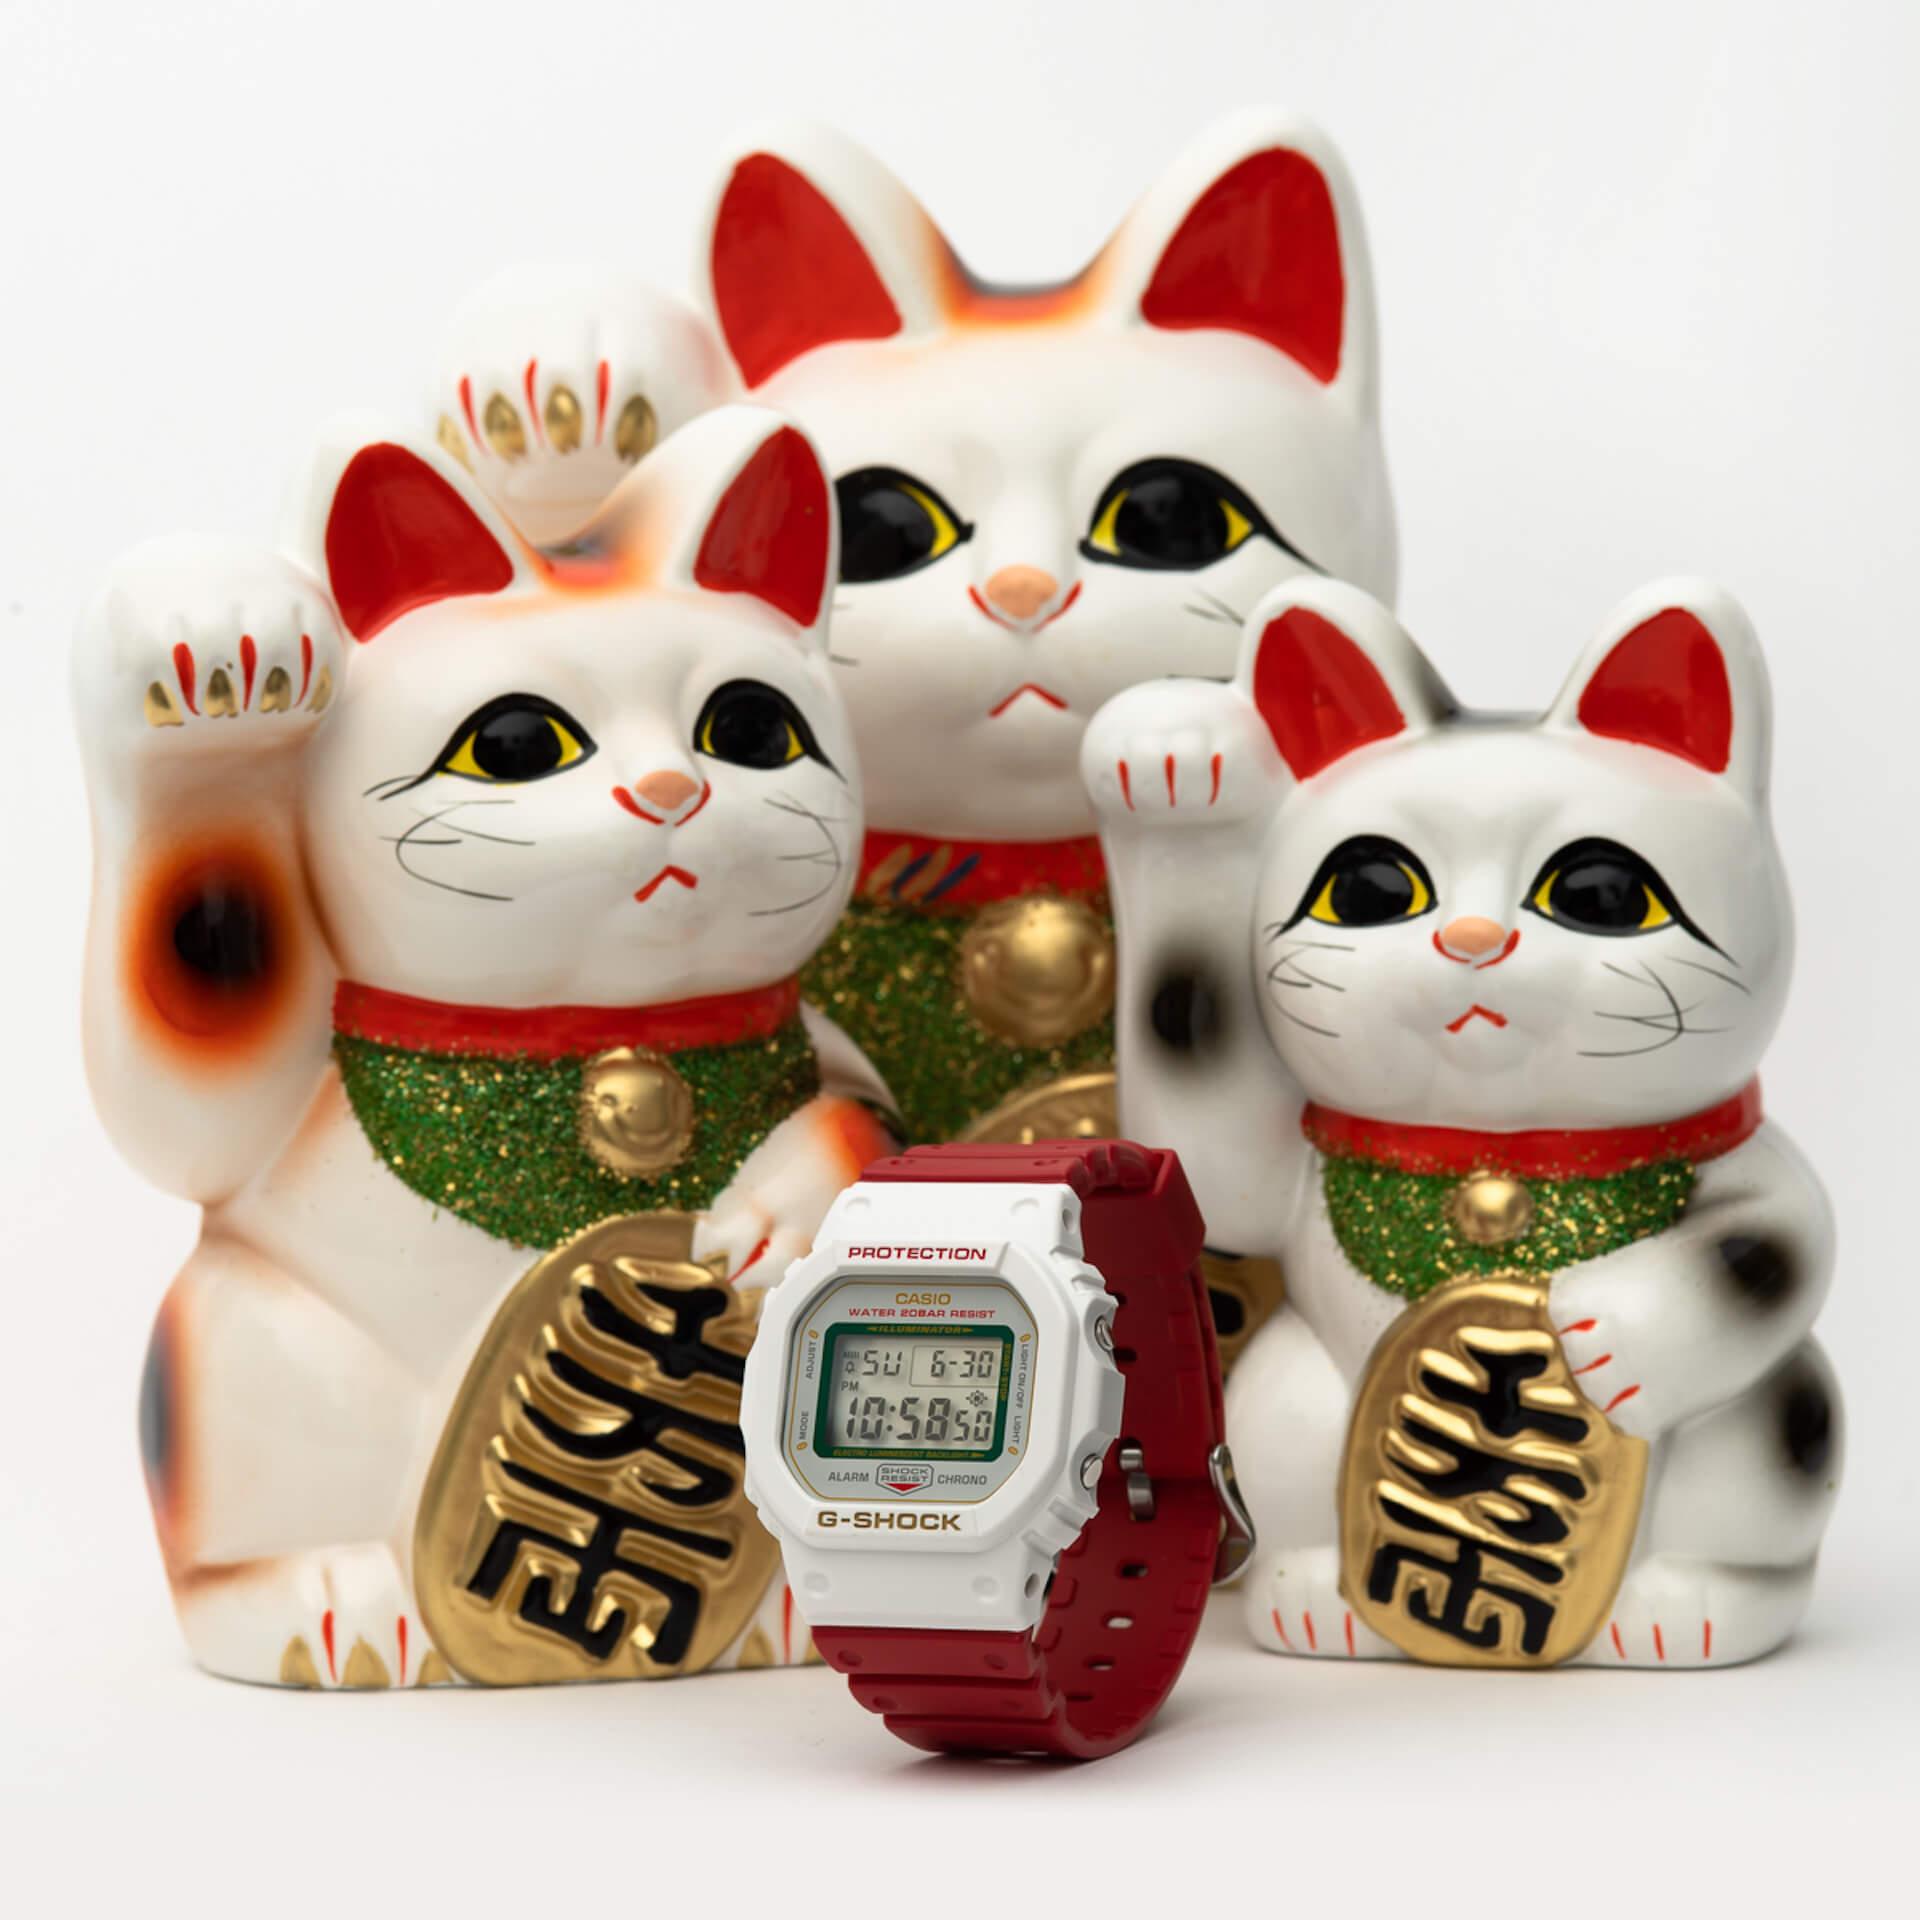 幸福を呼ぶG-SHOCK「MANEKINEKO」が誕生|BlackEyePatchデザインによる招き猫のイラストも life200122_gshock_bep_10